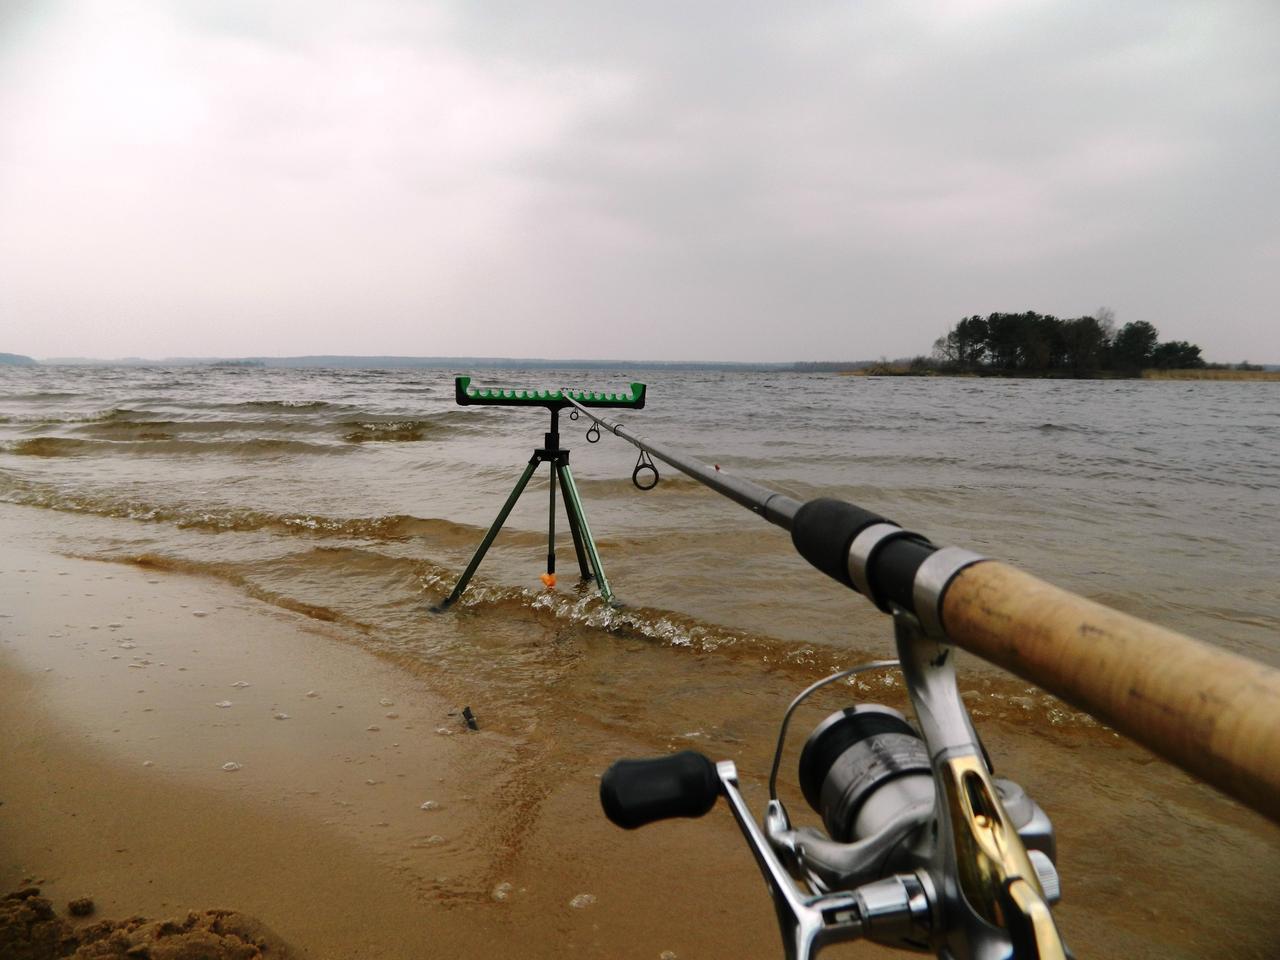 Фидер на ближних бровках крупных рек